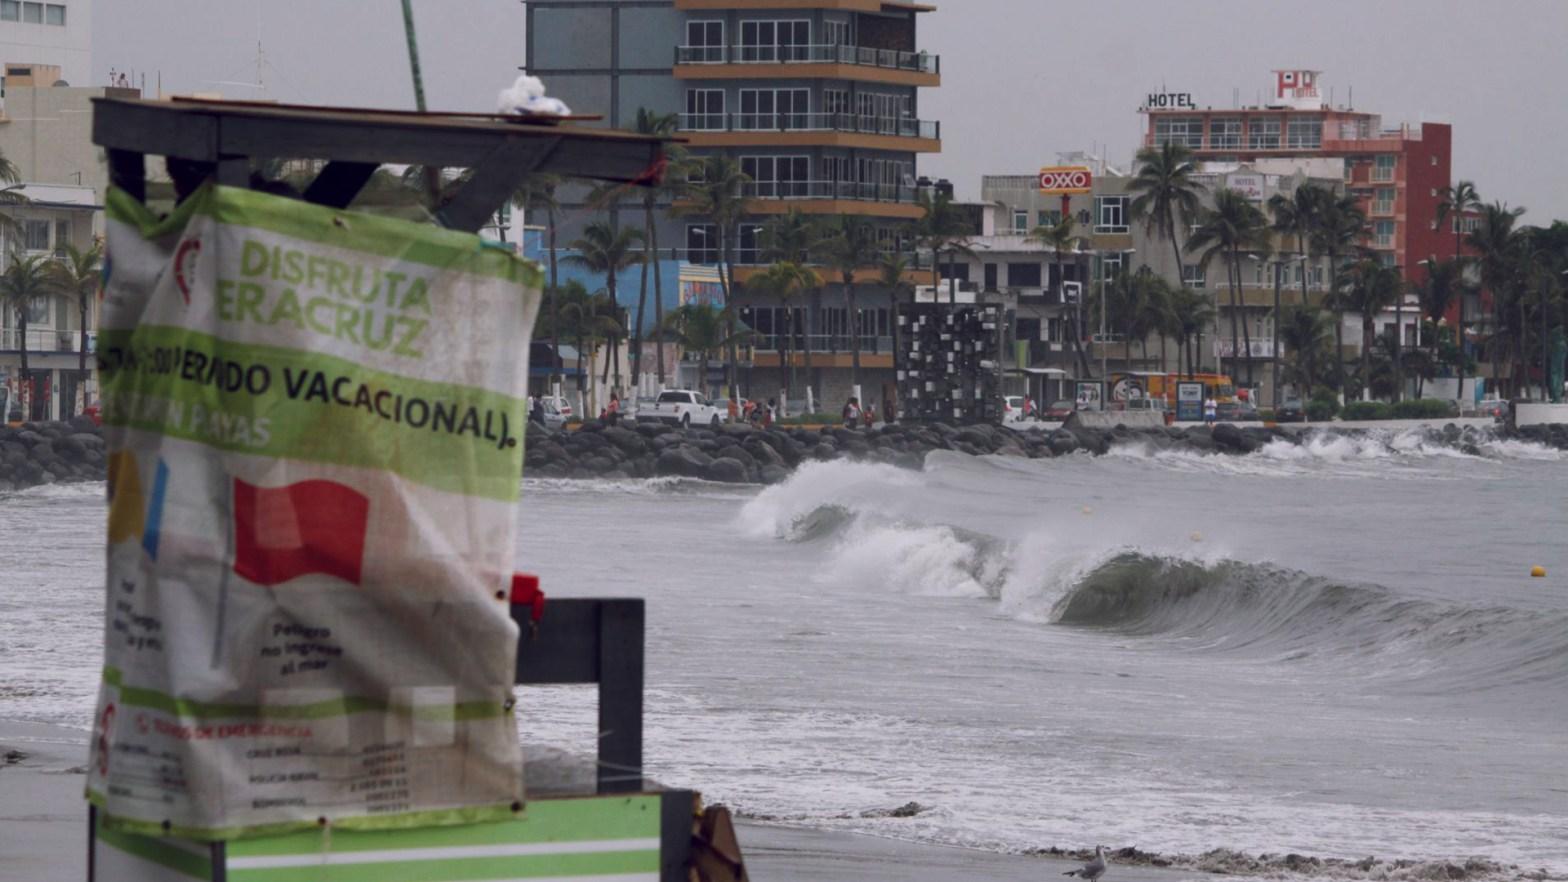 López Obrador también señaló que habrá apoyo económico para los afectados por las inundaciones en Tula (Hidalgo) y Ecatepec (Estado de México).